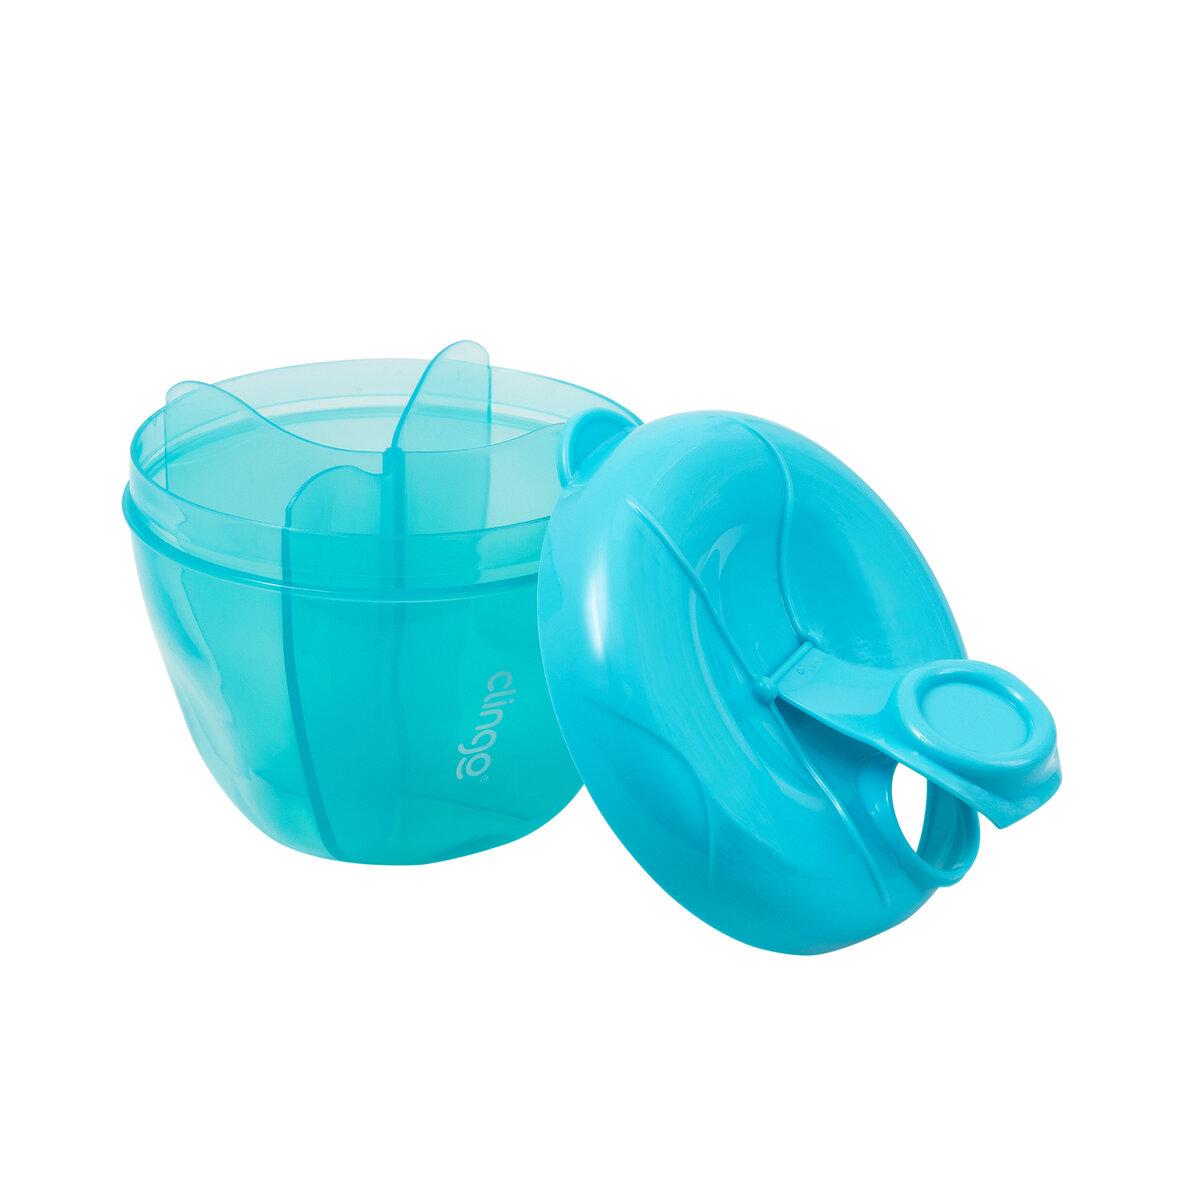 Pote Dosador de Leite em Pó 4 Divisórias 300ml Azul - Clingo